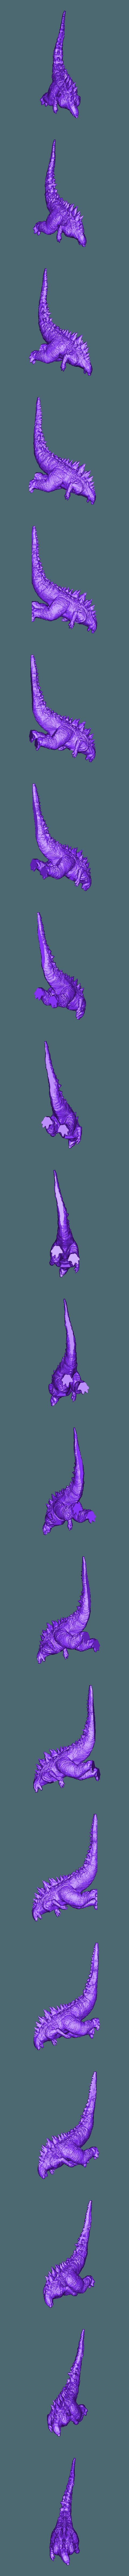 godzilla _opener_2.stl Télécharger fichier OBJ gratuit Godzilla 1954 figurine et ouvre-bouteille • Objet imprimable en 3D, 3D-mon